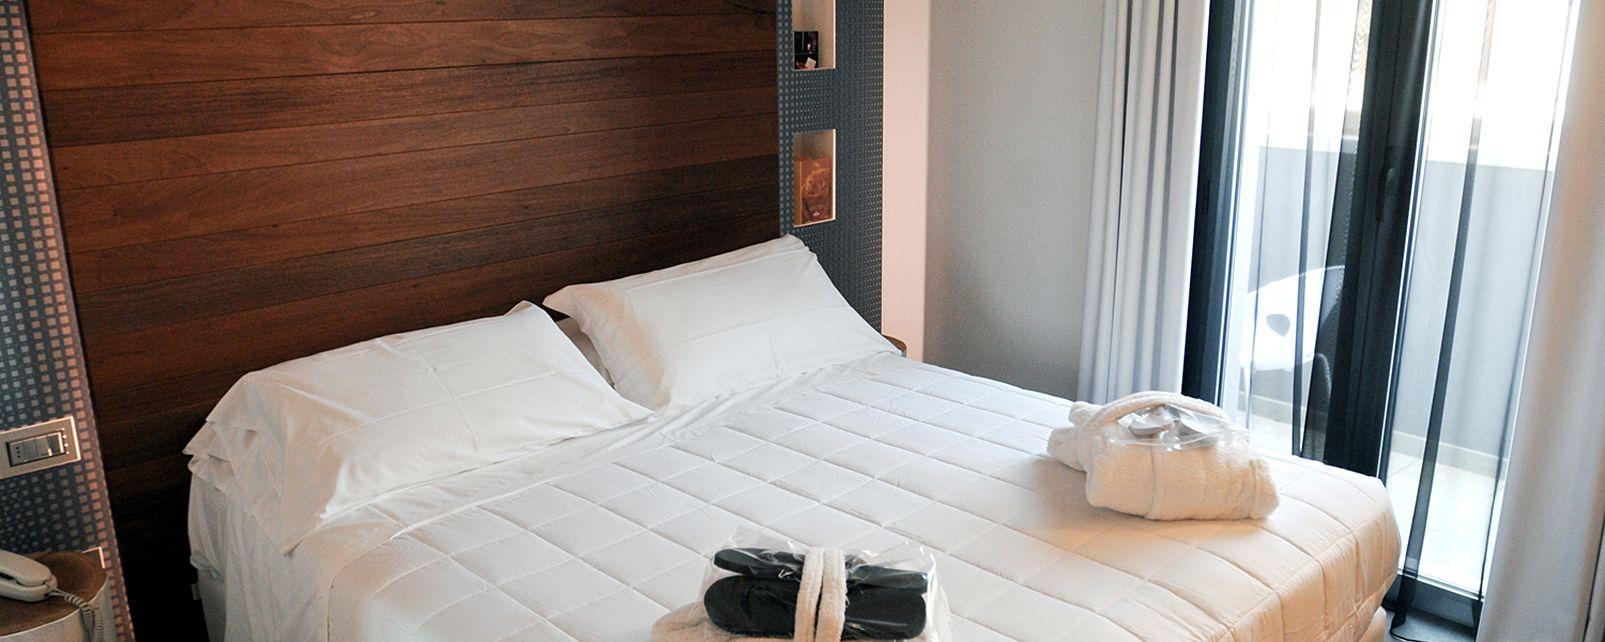 Hôtel Q hotel